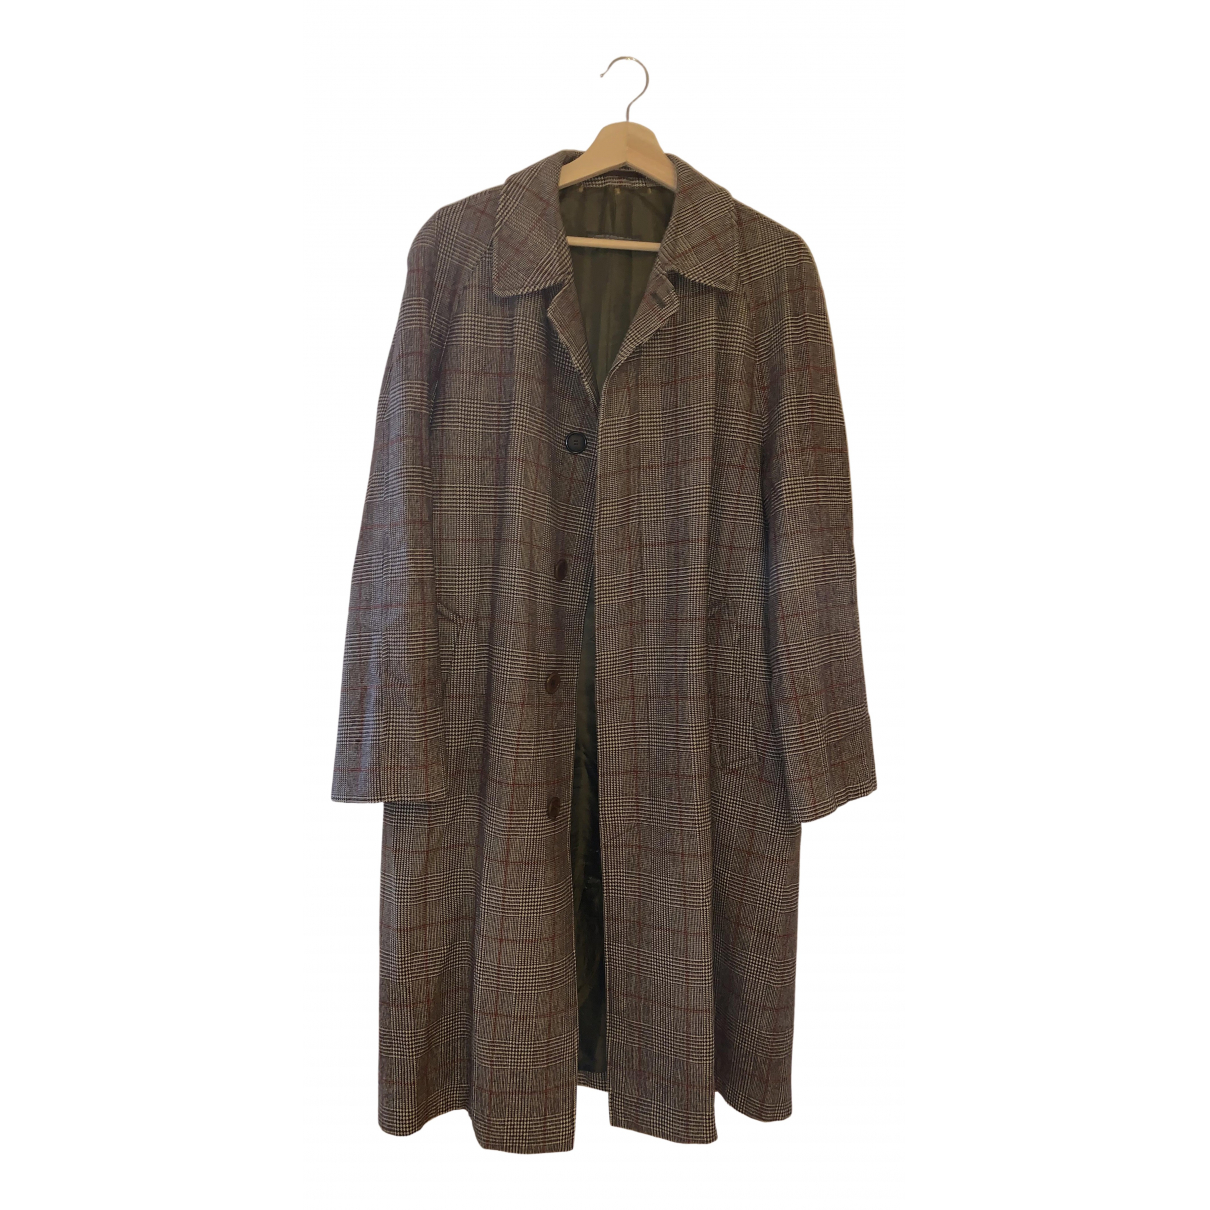 Brooks Brothers - Manteau   pour homme en laine - marron